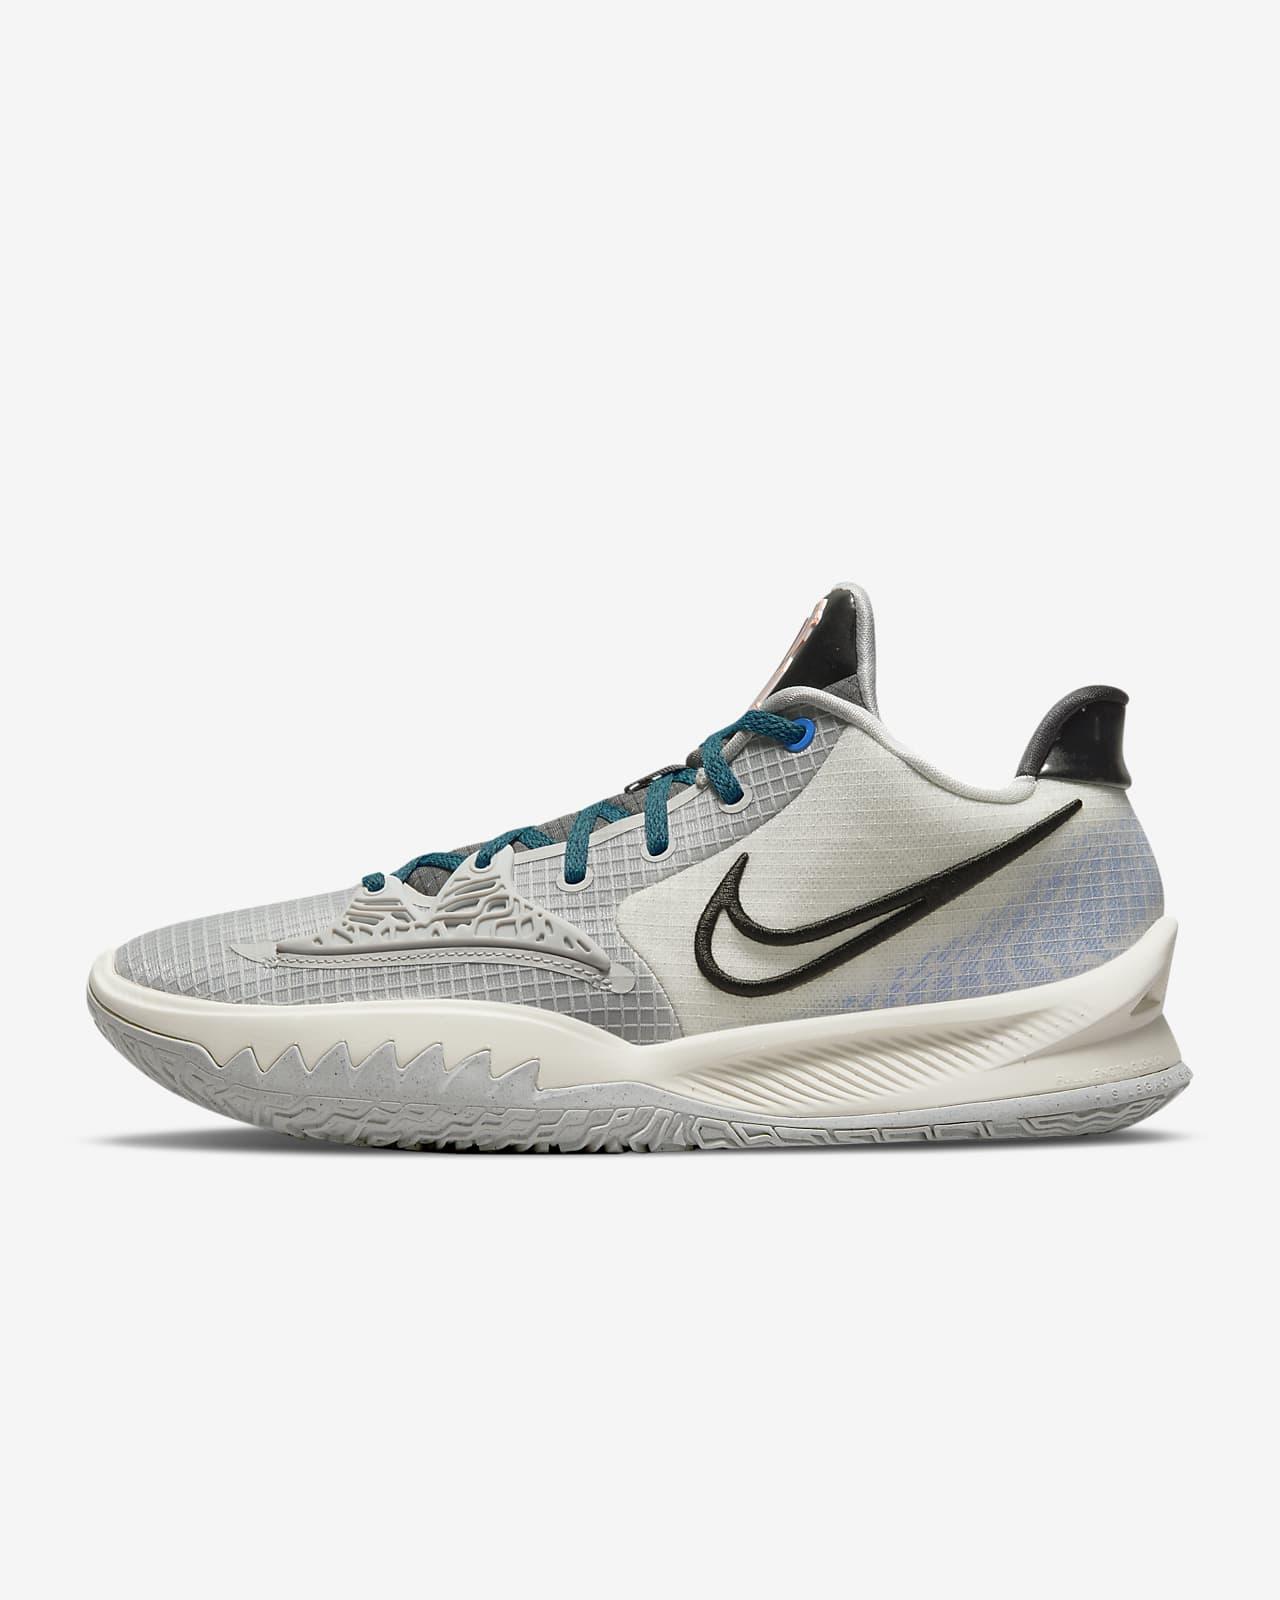 Kyrie Low 4 Basketbalschoen